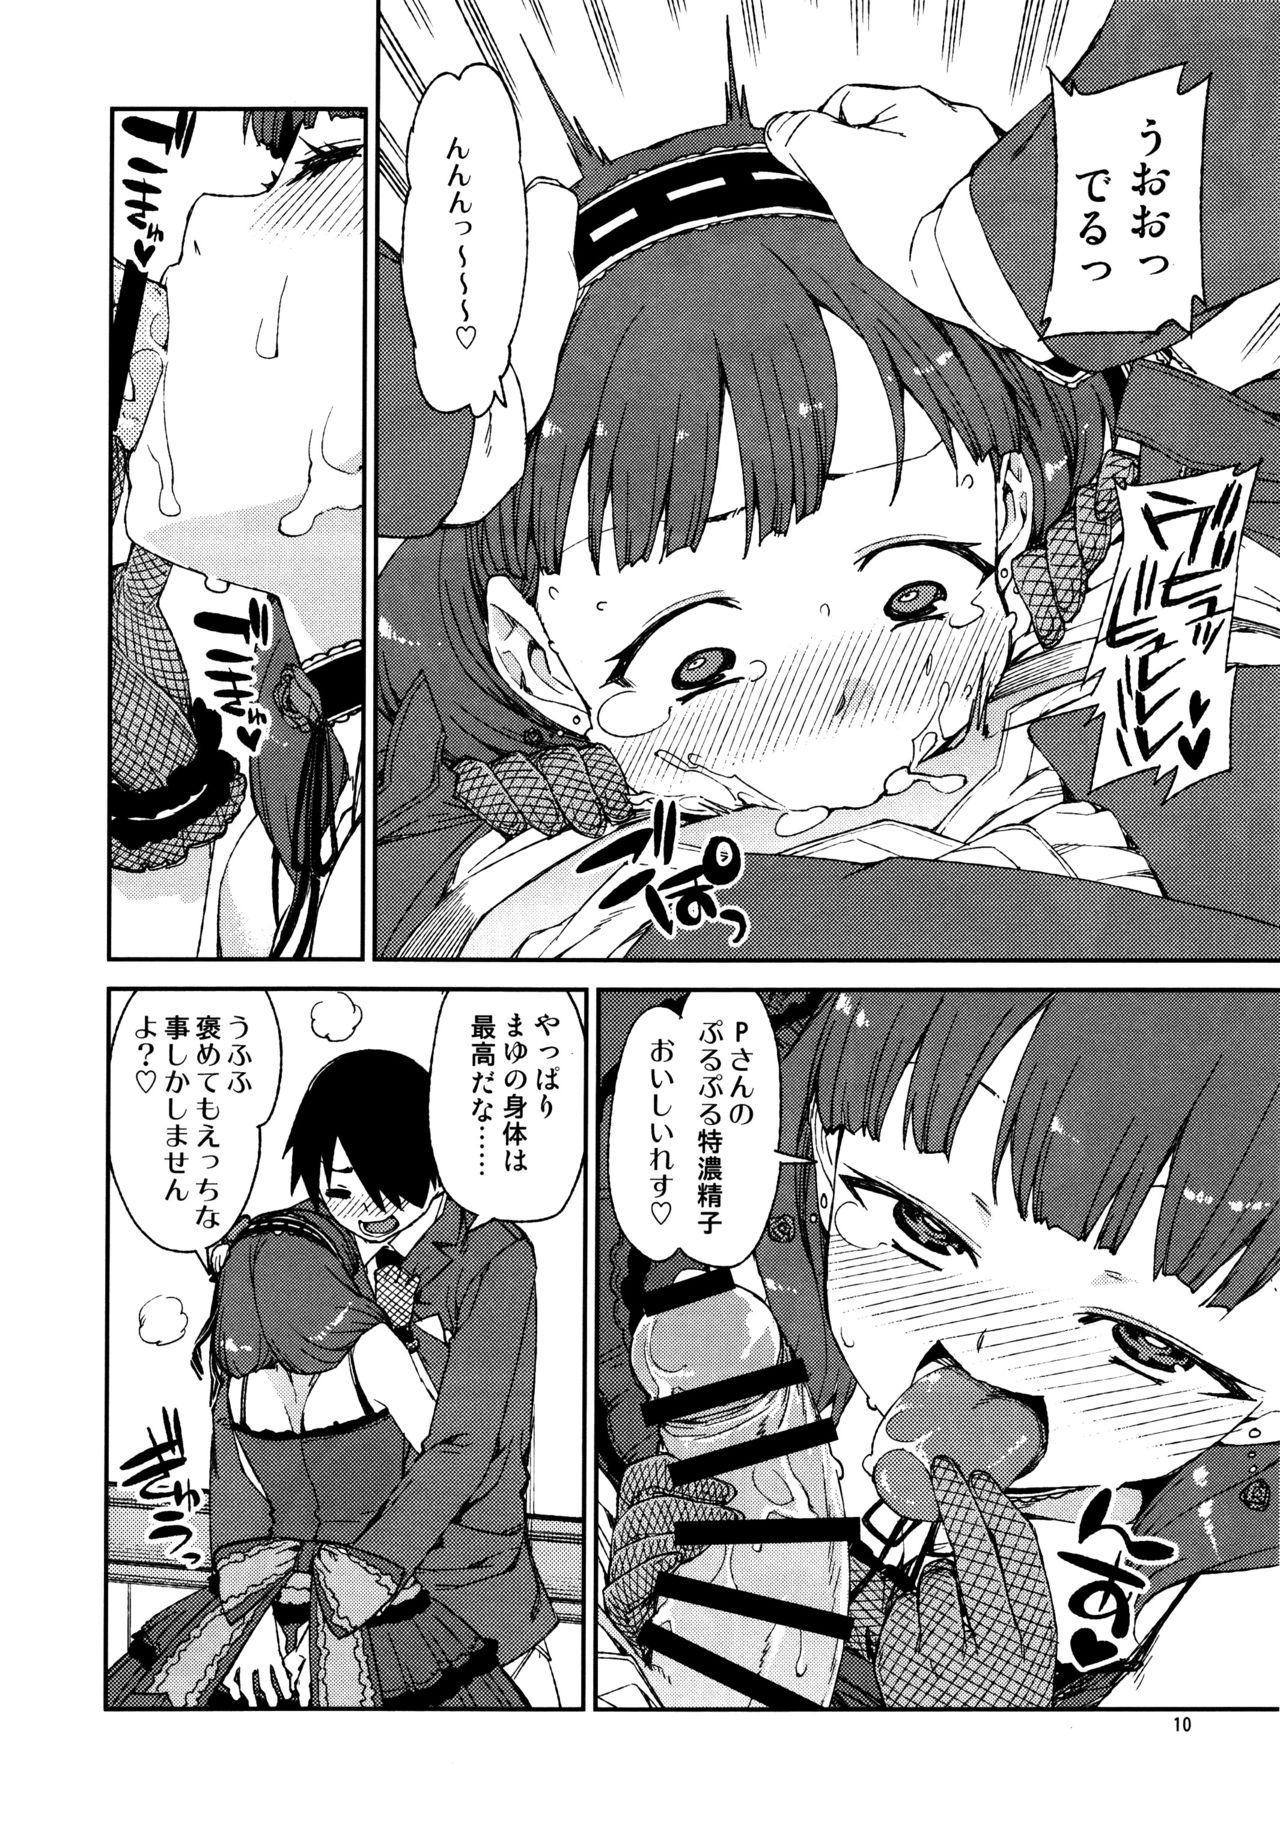 Sonna no Mayu ni wa Wakarimasen 10